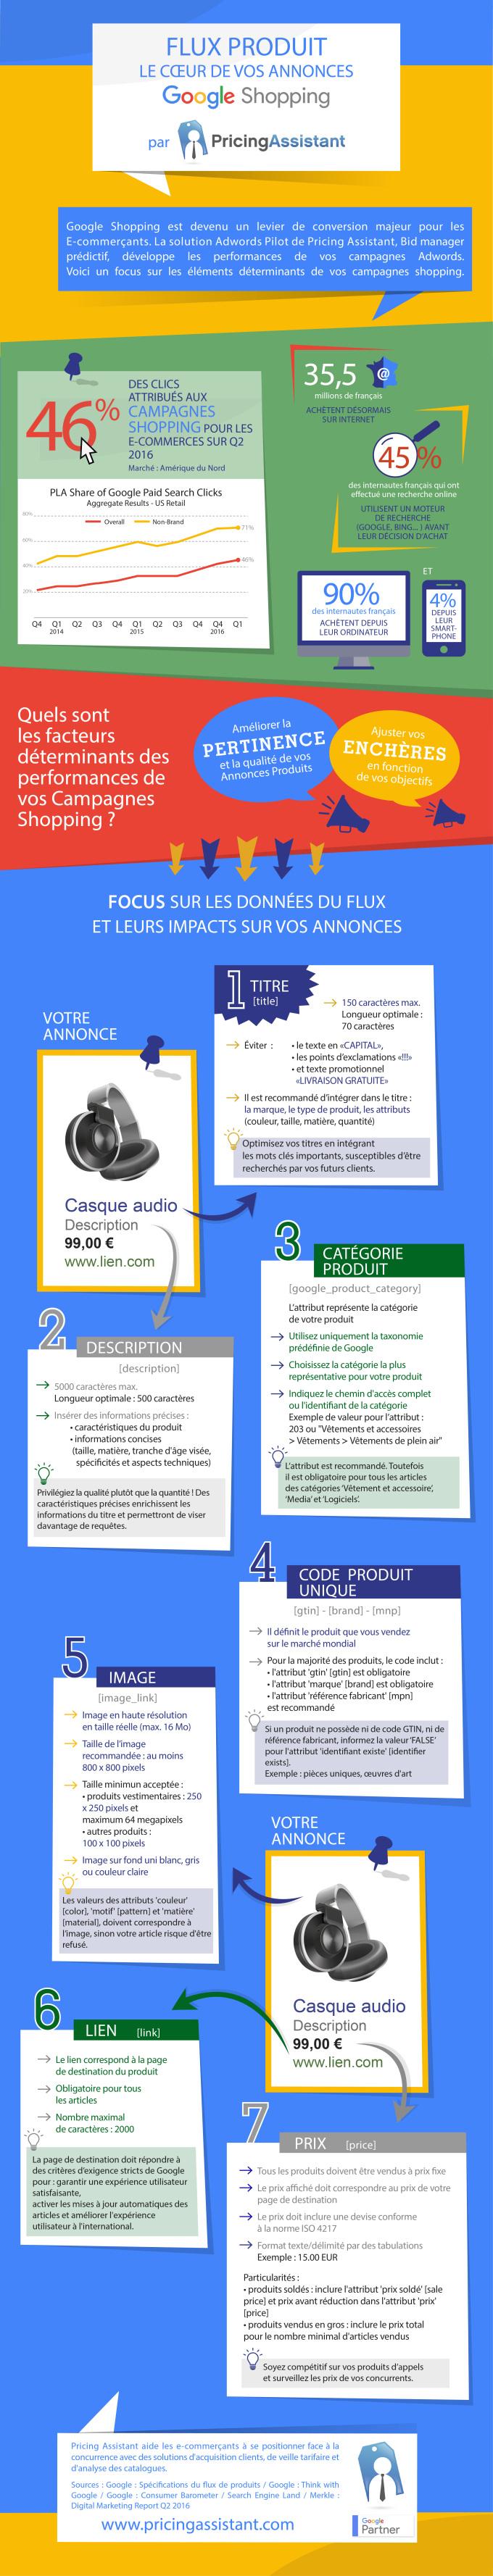 Infographie sur l'optimisation du catalogue et flux produits pour les campagnes Google Shopping